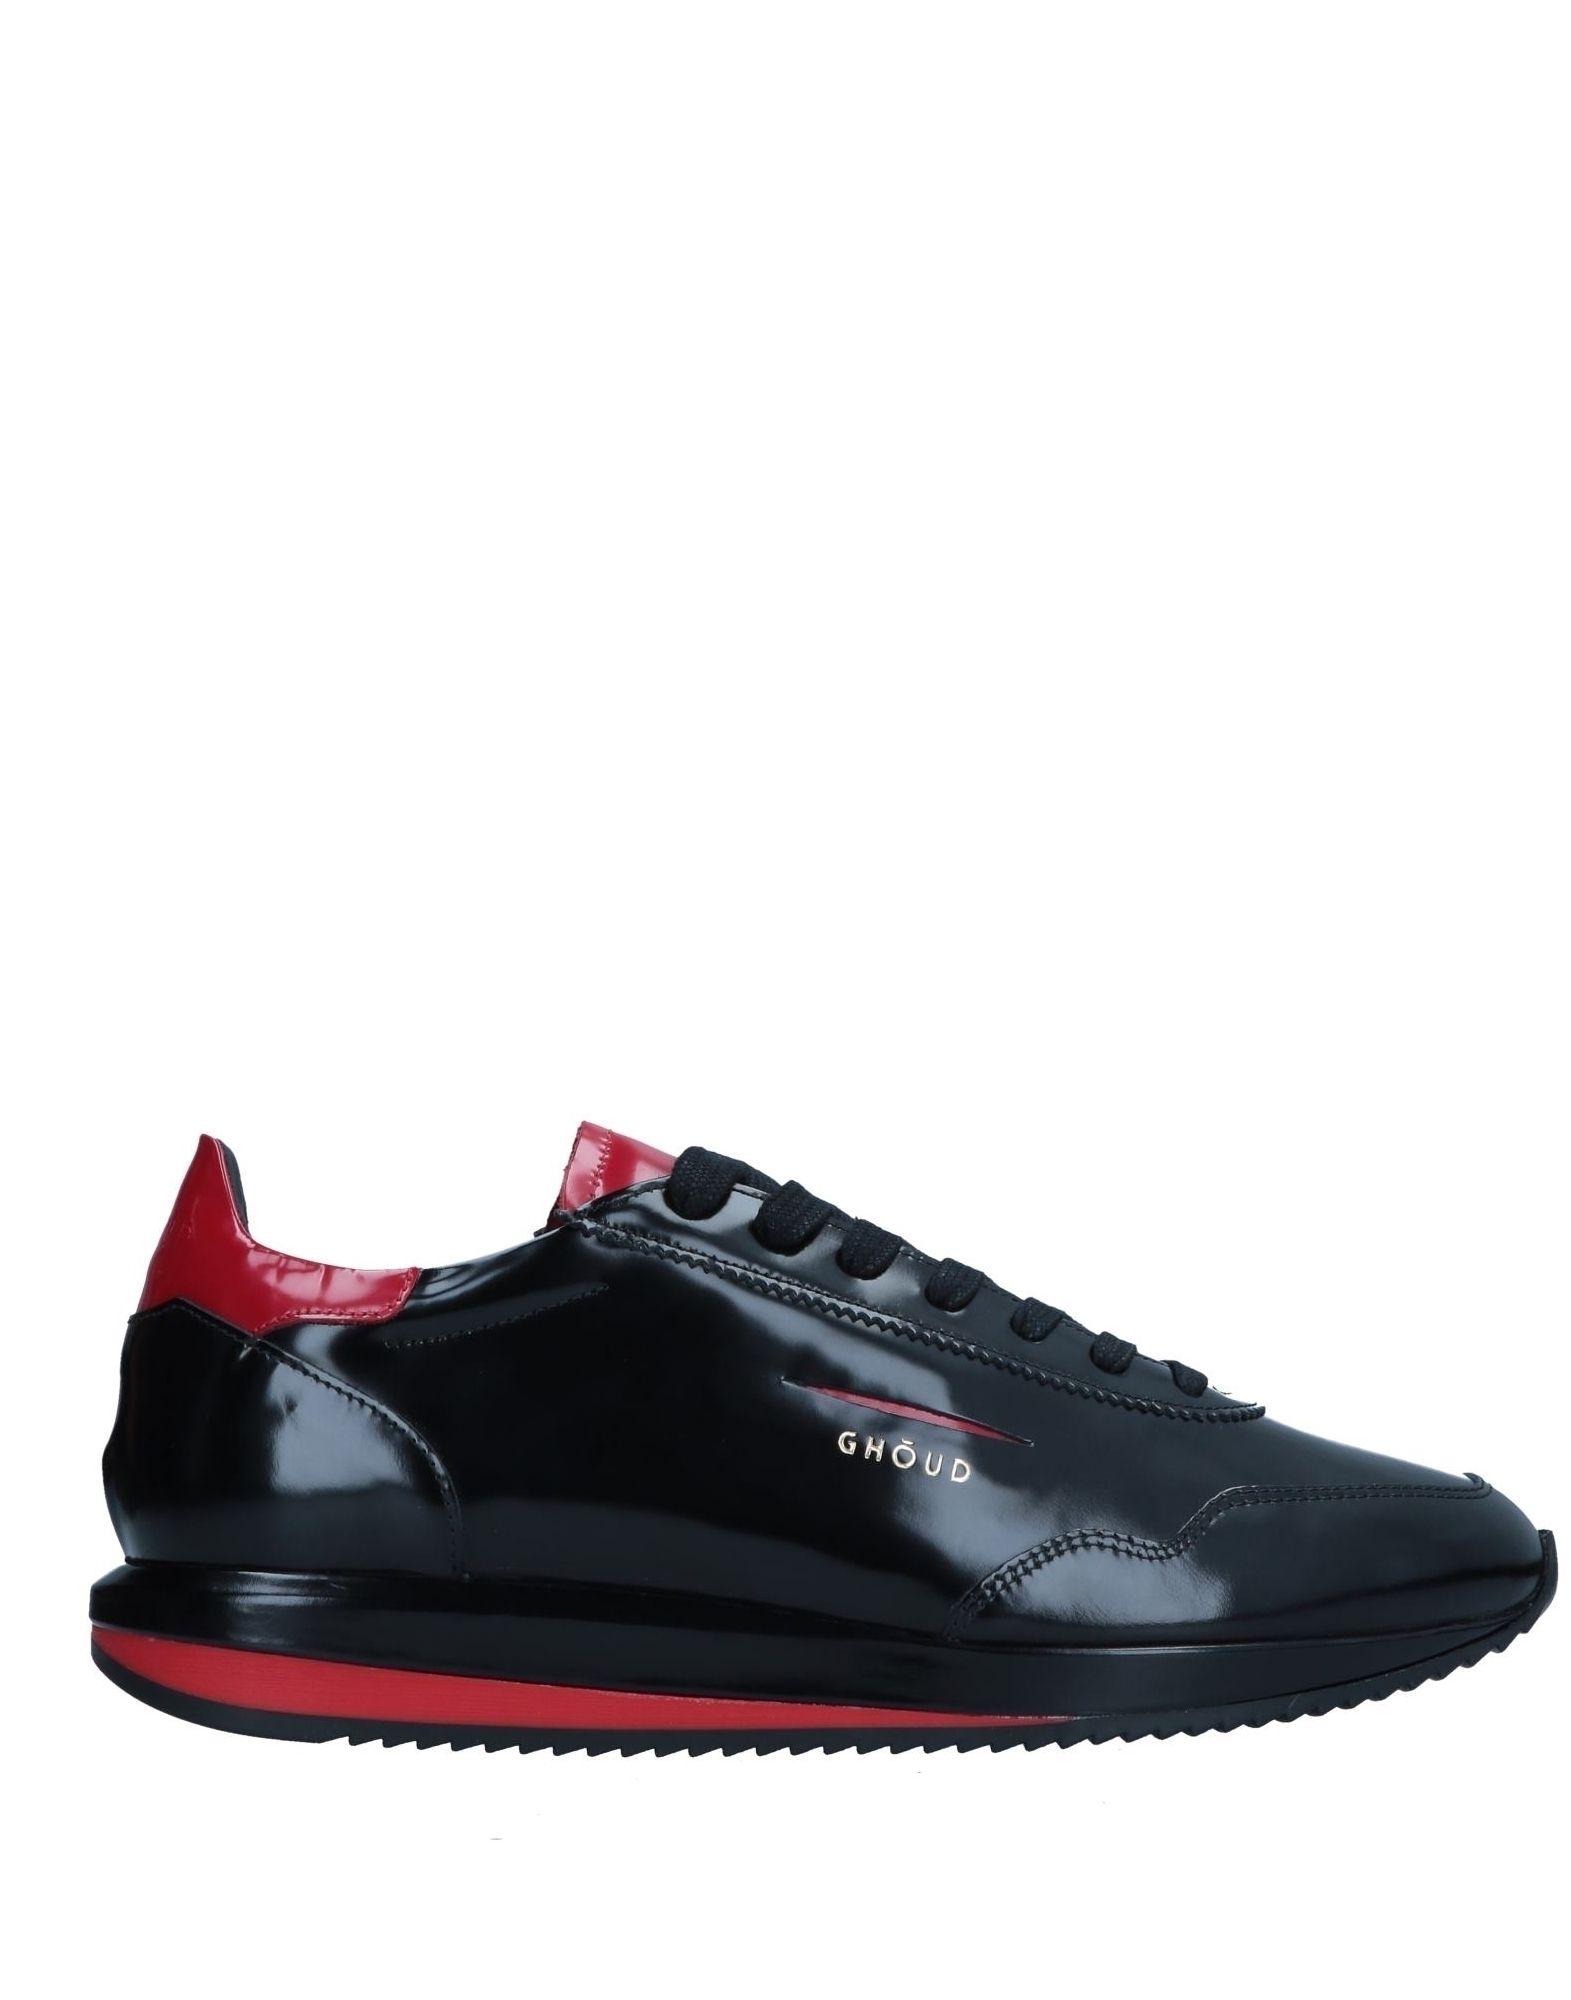 Sneakers Ghōud Venice Uomo - 11545419NQ